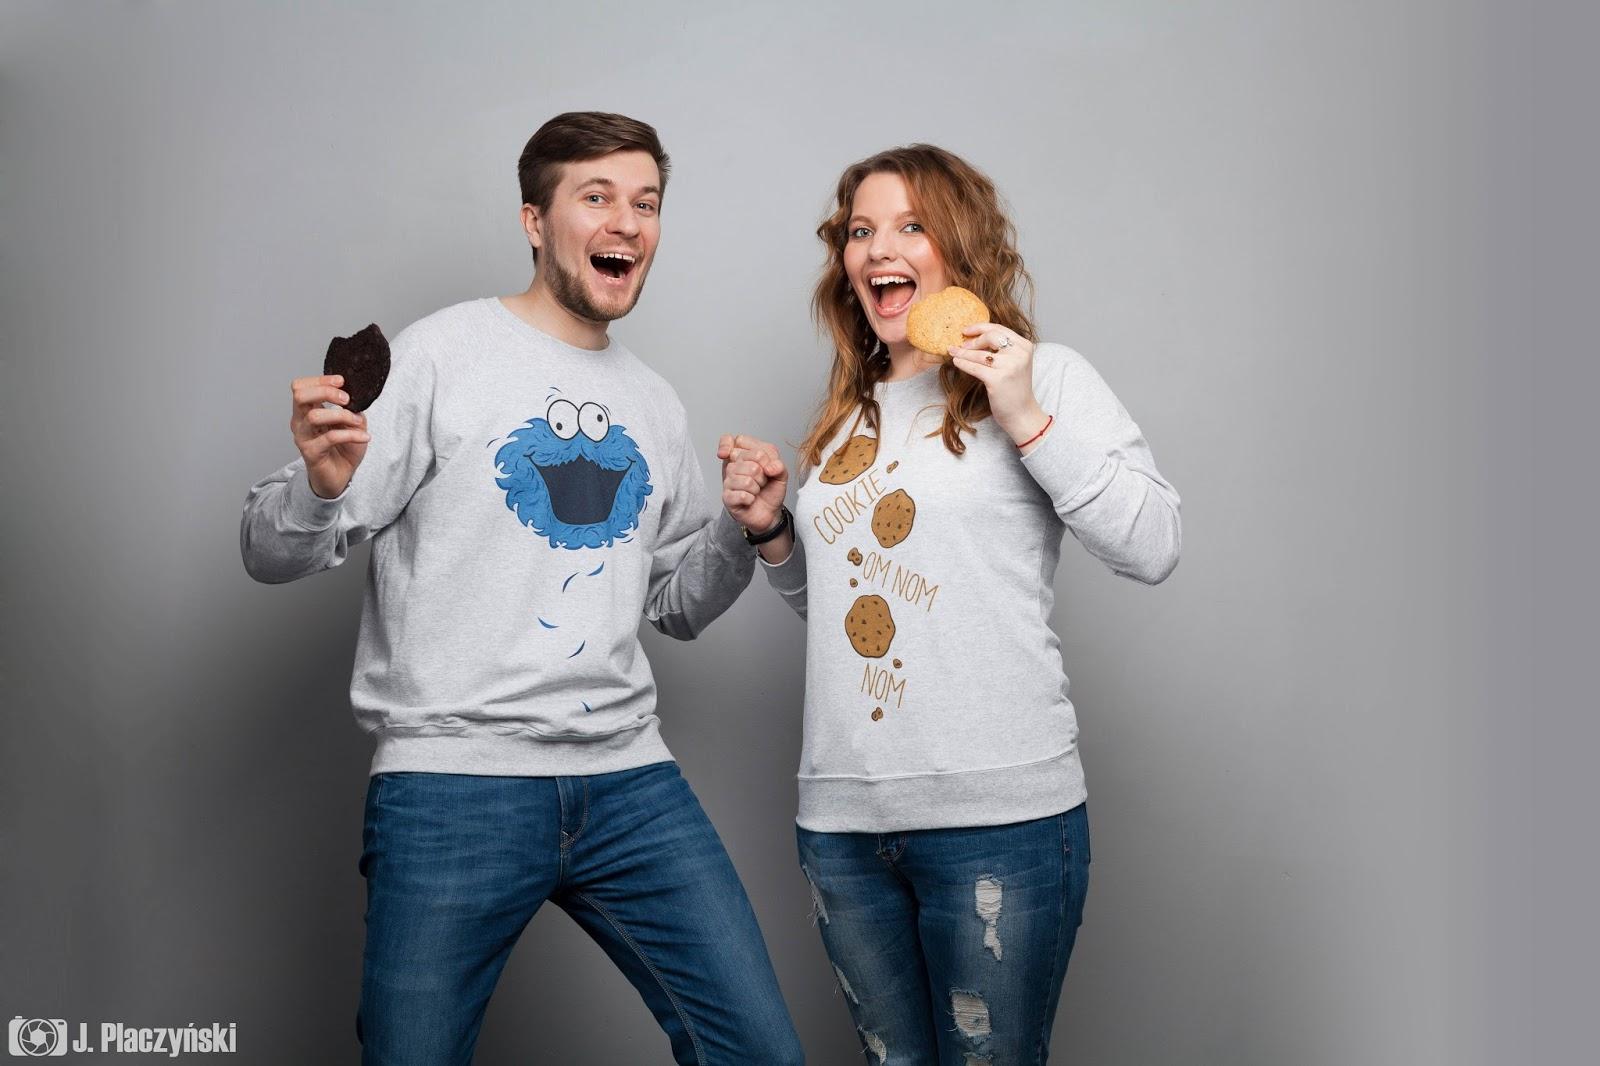 cookie monster zakochani walentynki koszulove ubrania dla par koszulki bluzy dedykowane dla zakochanych chlopak dziewczyna milosc